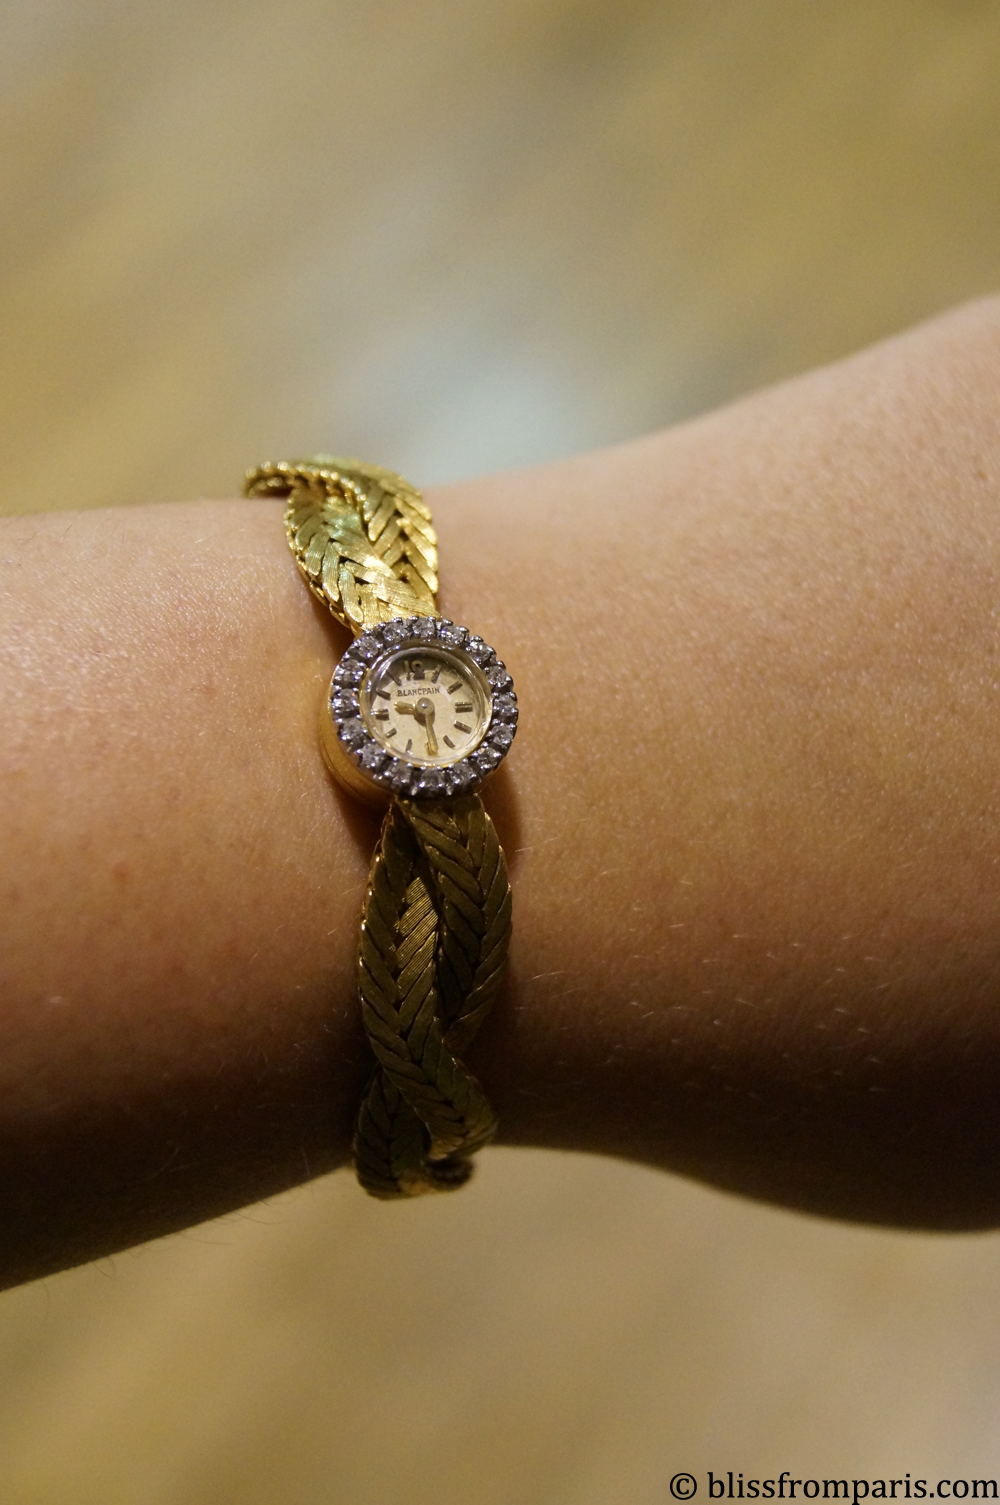 Montre Blancpain en or et diamants